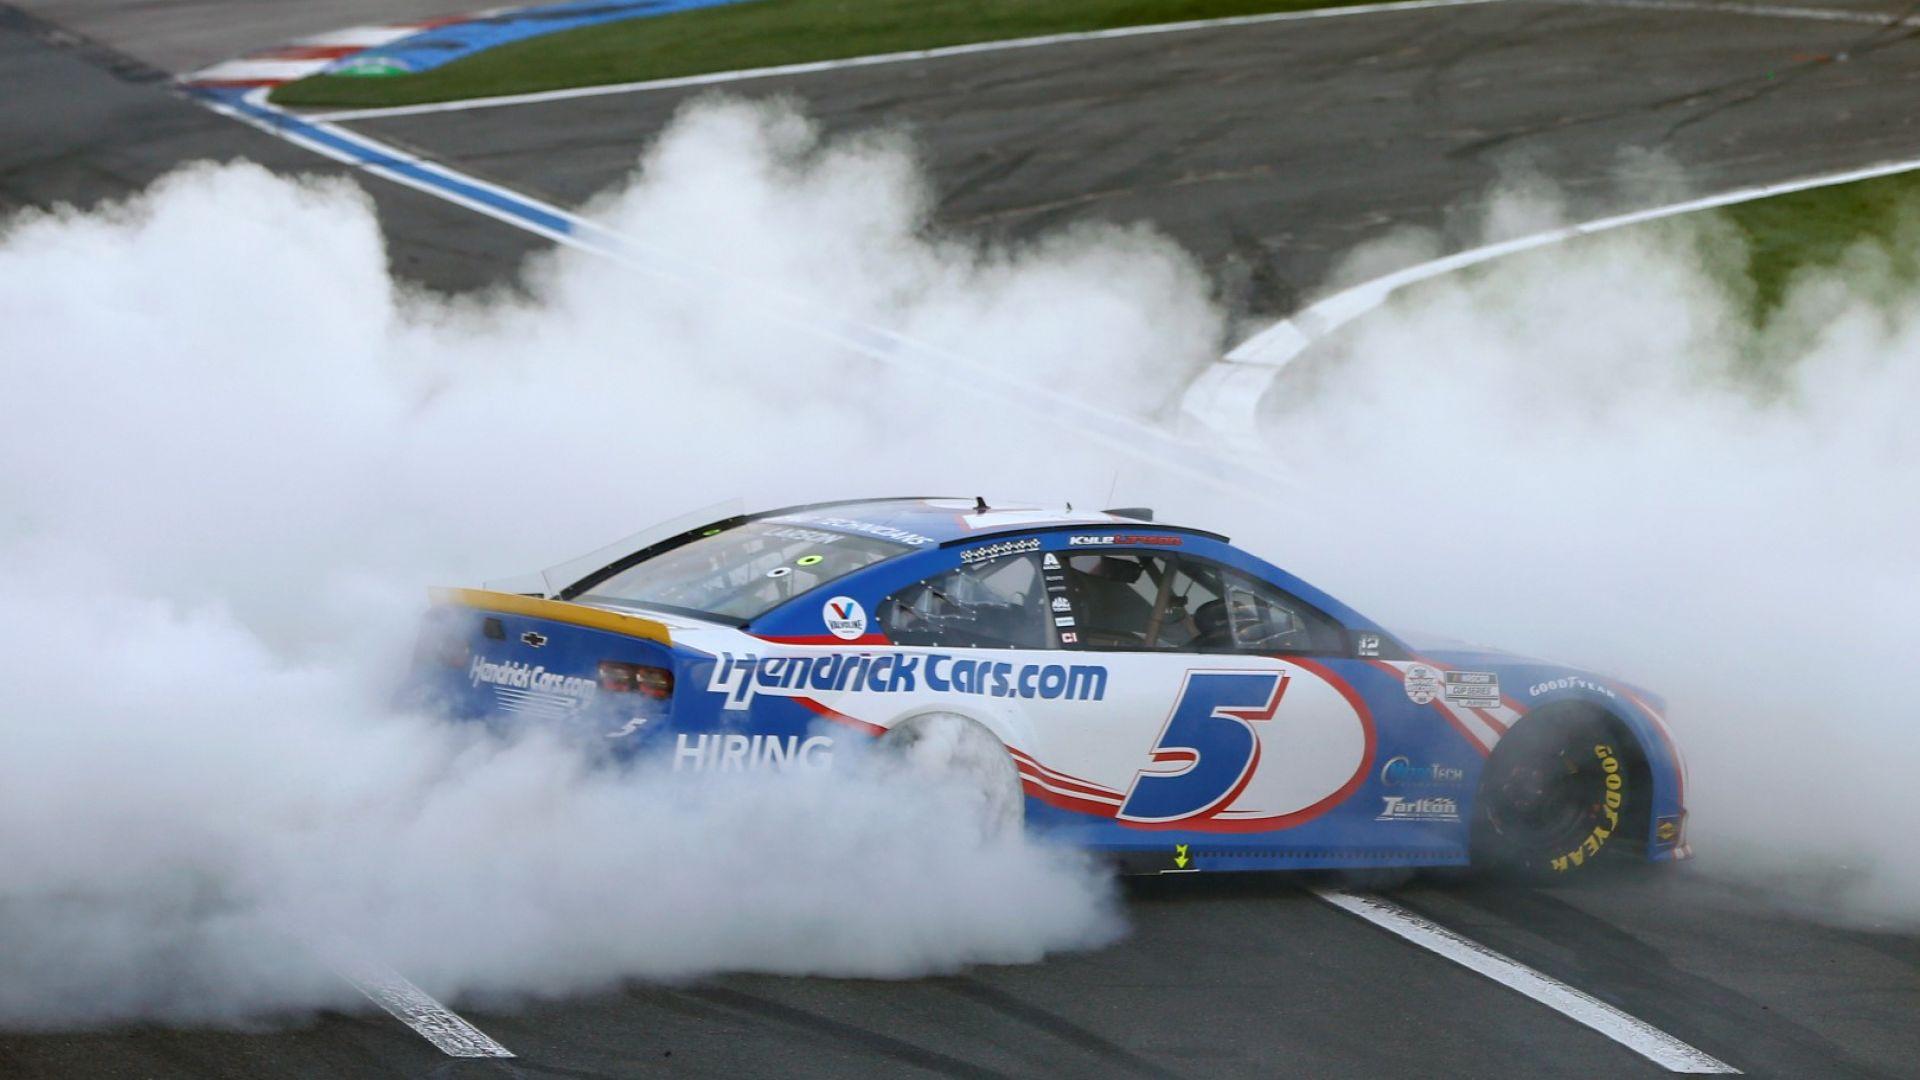 Катастрофа за отмъщение и обиди между асове от NASCAR пред очите на Агент 007